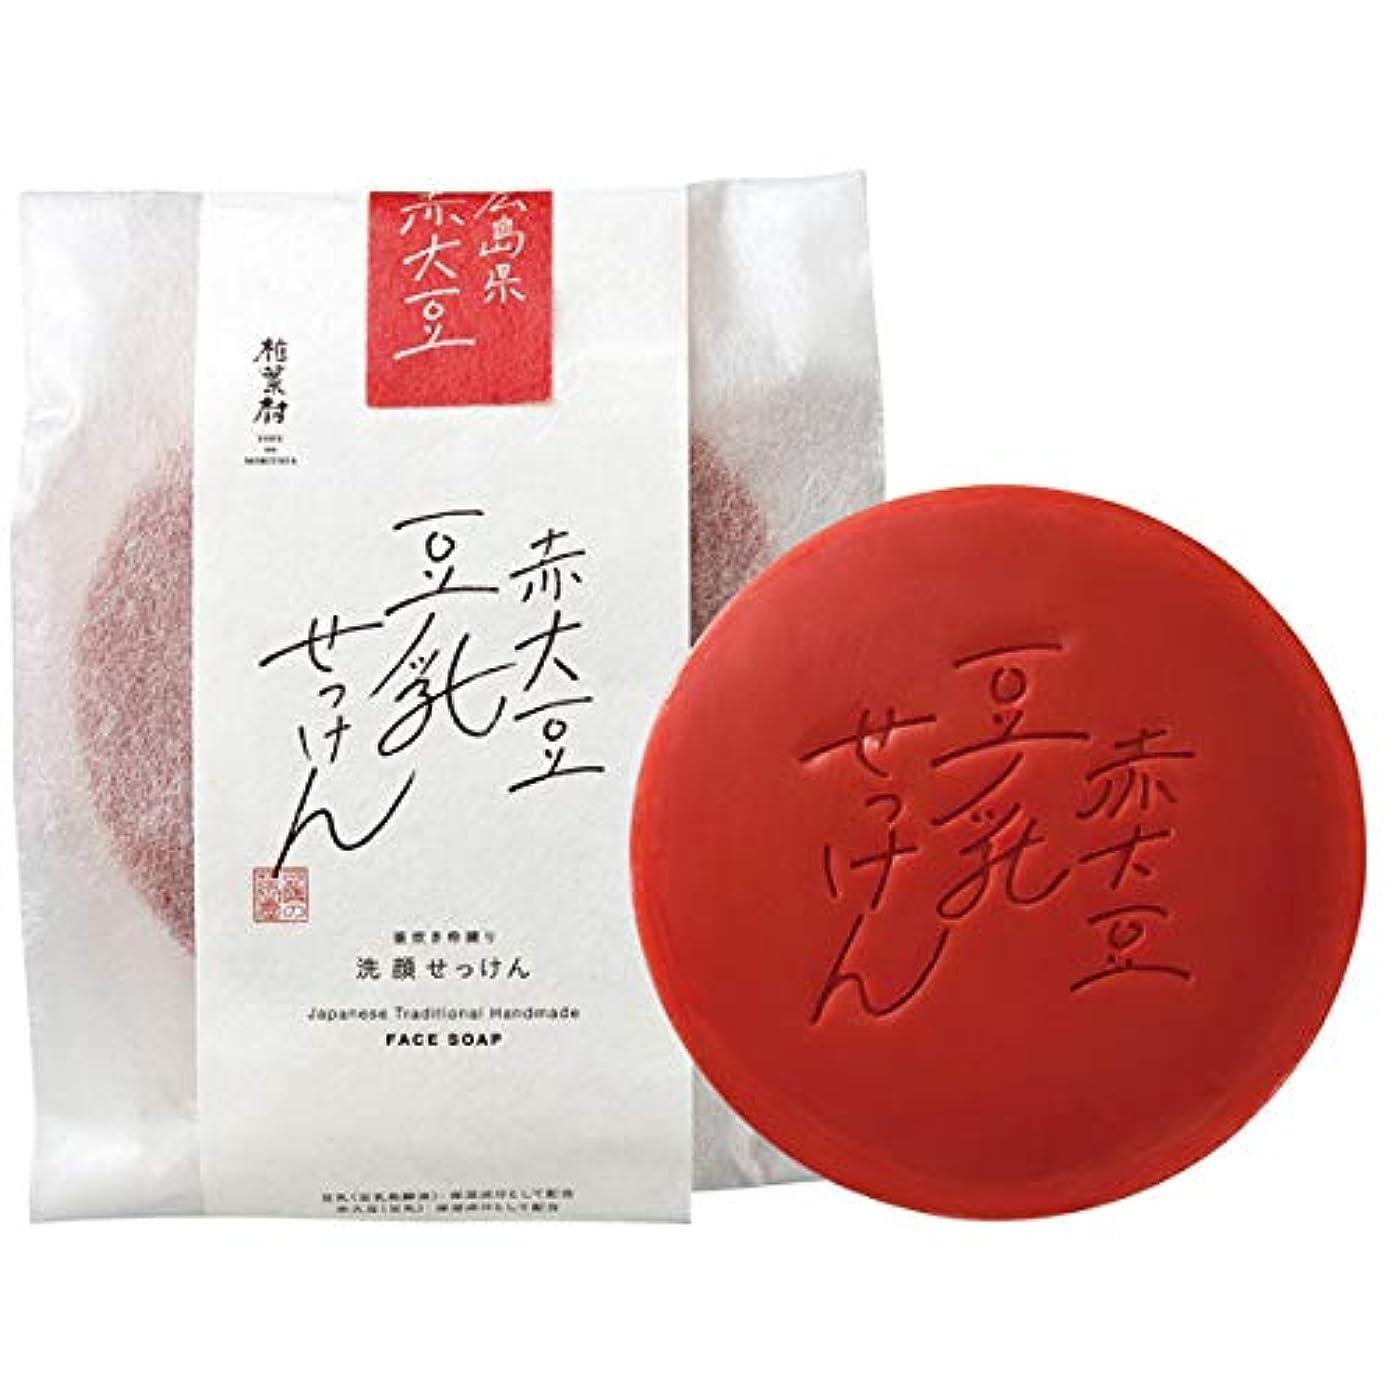 キャラバンフリッパーいいね豆腐の盛田屋 赤大豆豆乳せっけん 100g